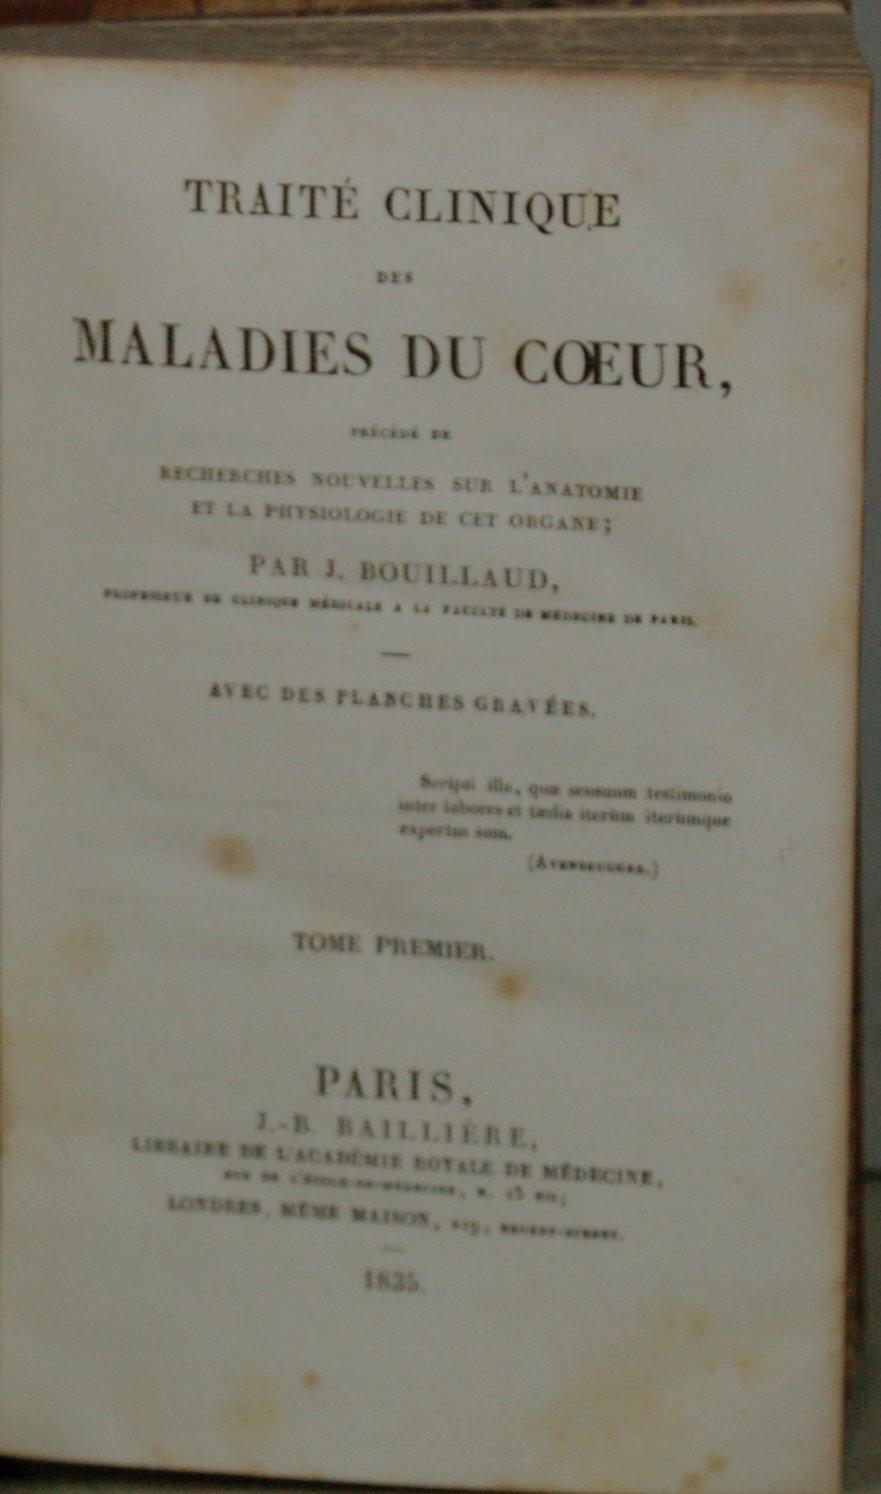 viaLibri ~ Rare Books from 1835 - Page 6